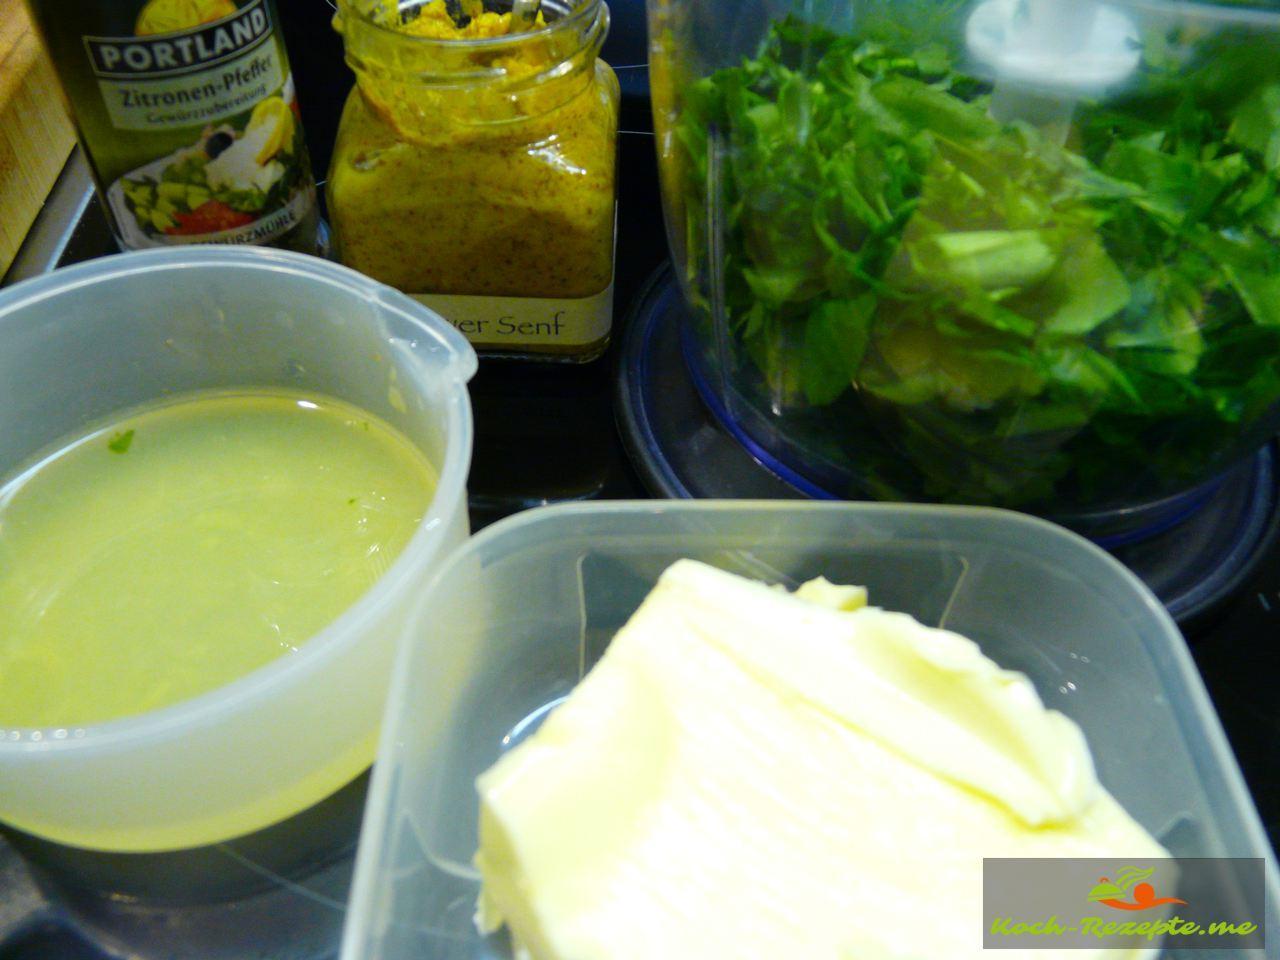 Zutaten für die Waldknoblauch Butter herzustellen, Bärlauchbutter